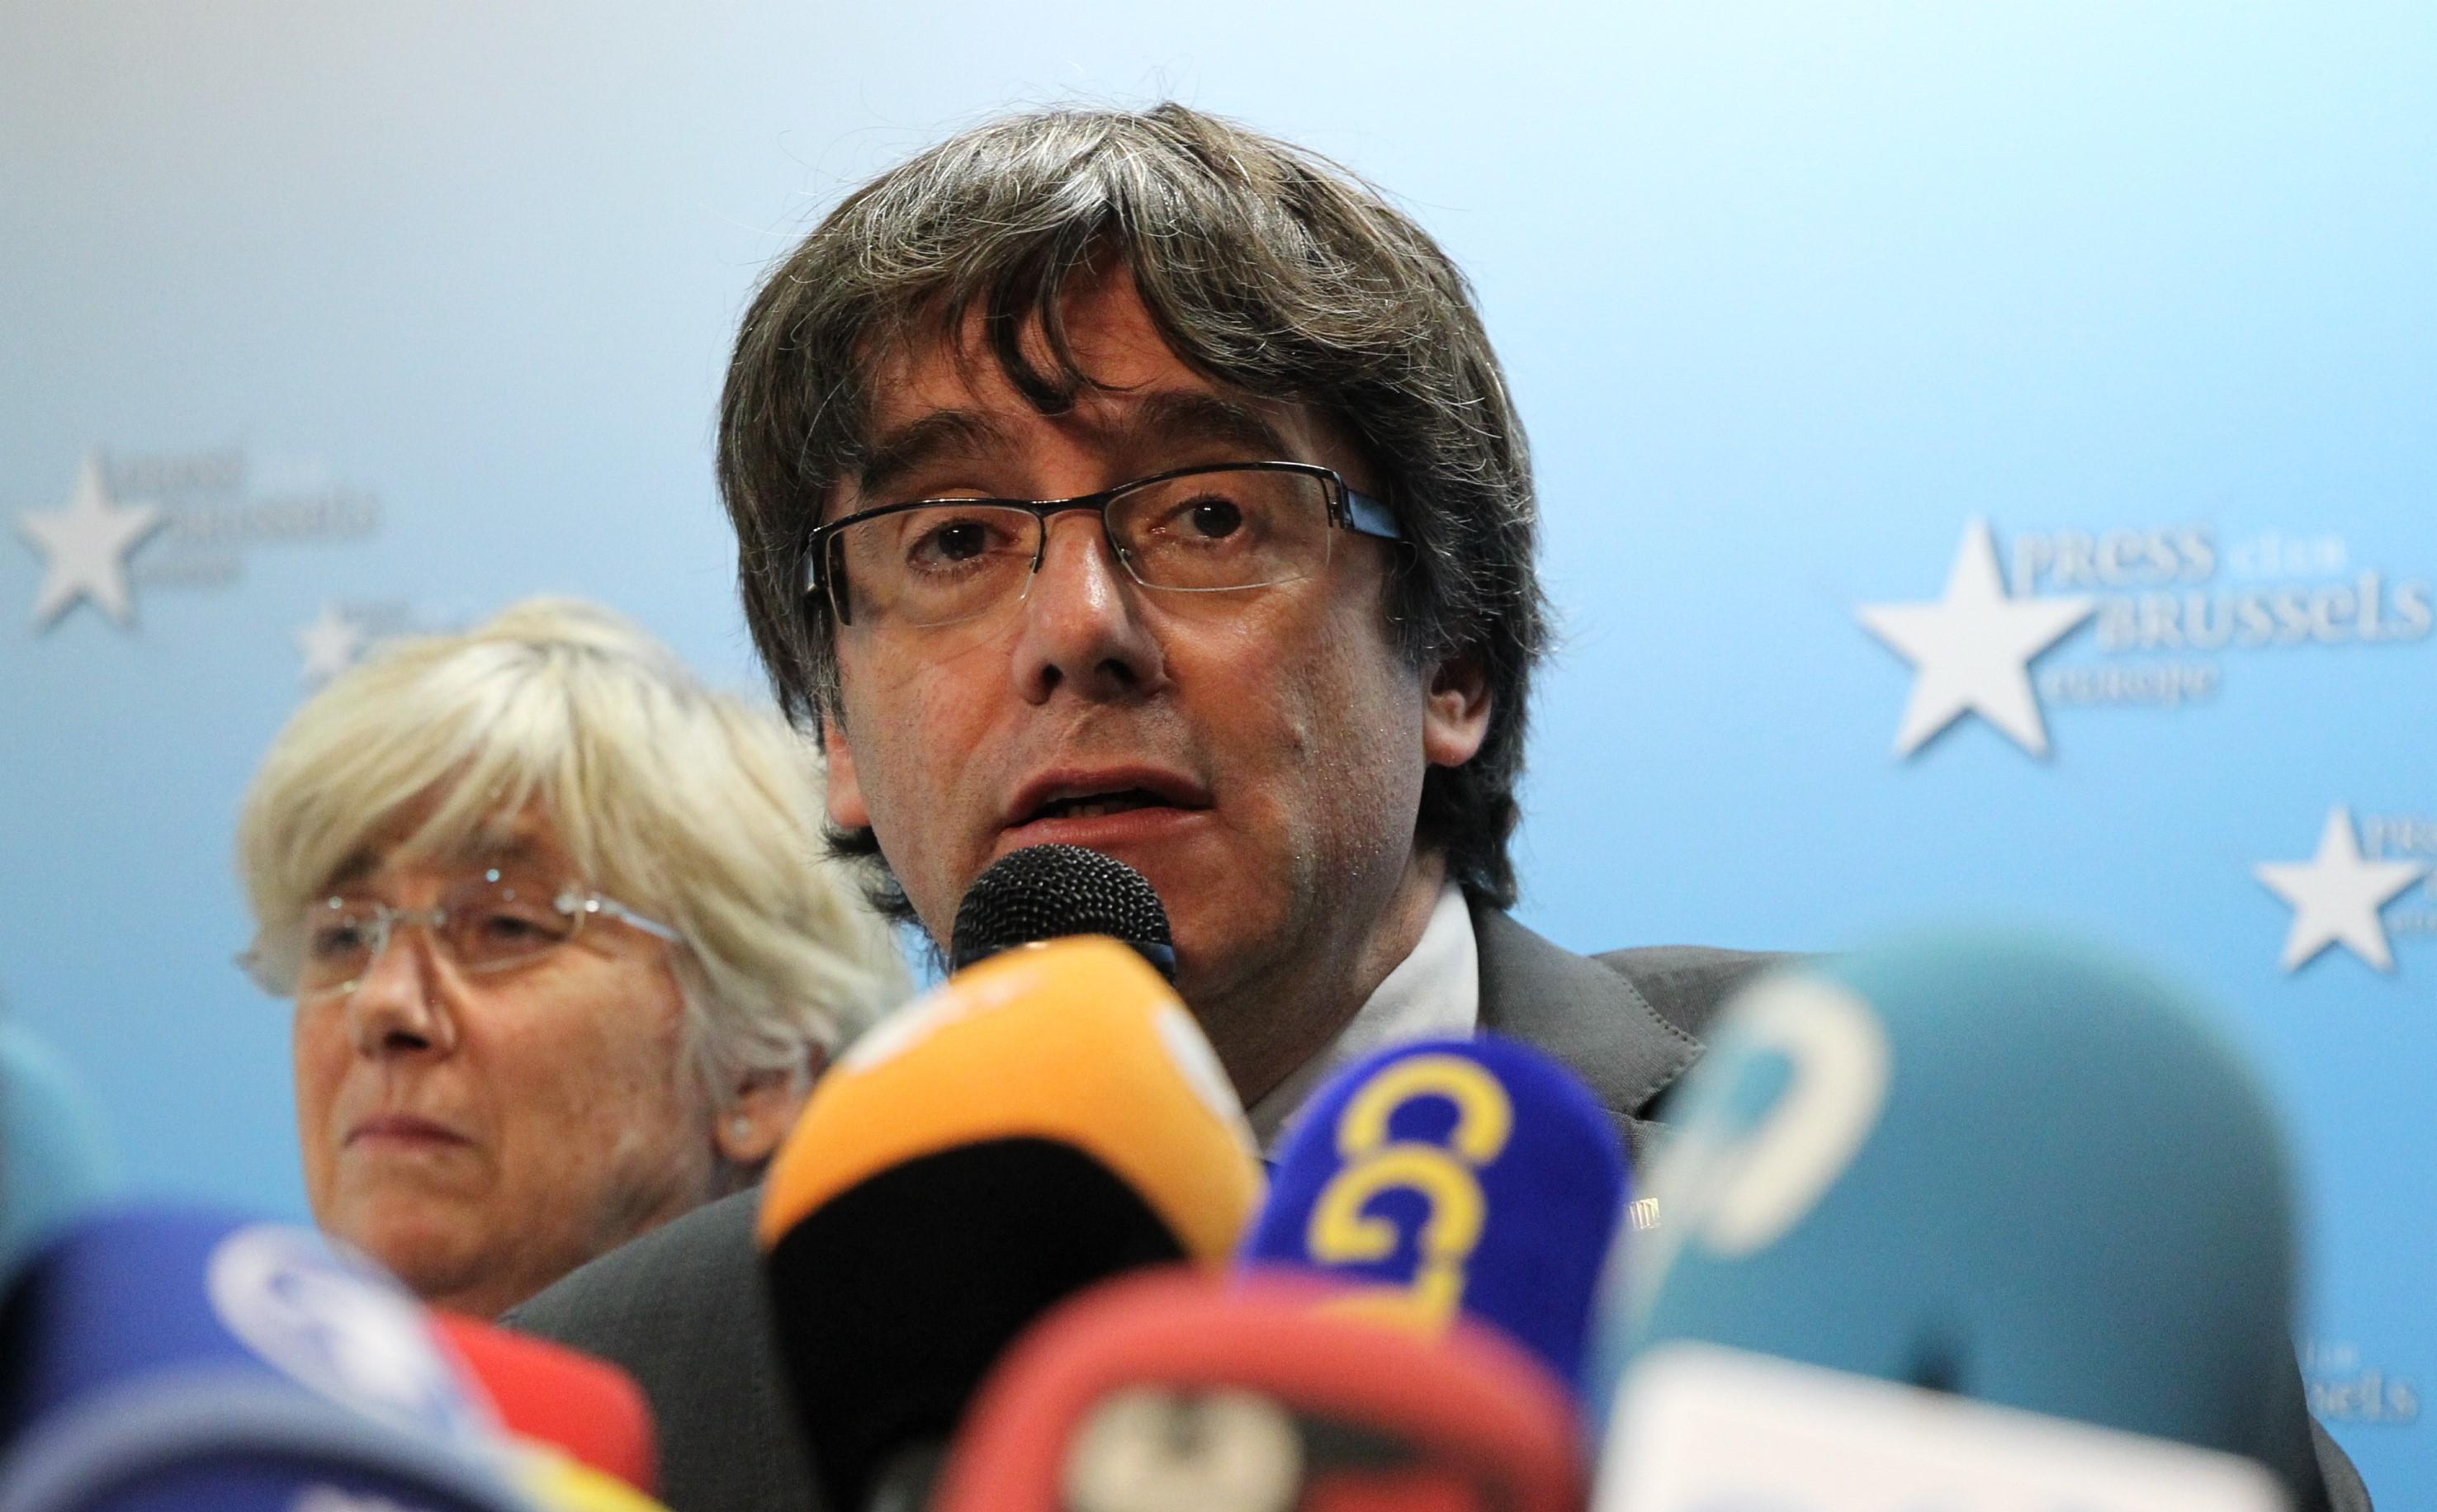 ALEGERILE din Catalonia: Fostul lider catalan Carles Puigdemont cere reinstaurarea guvernului său regional